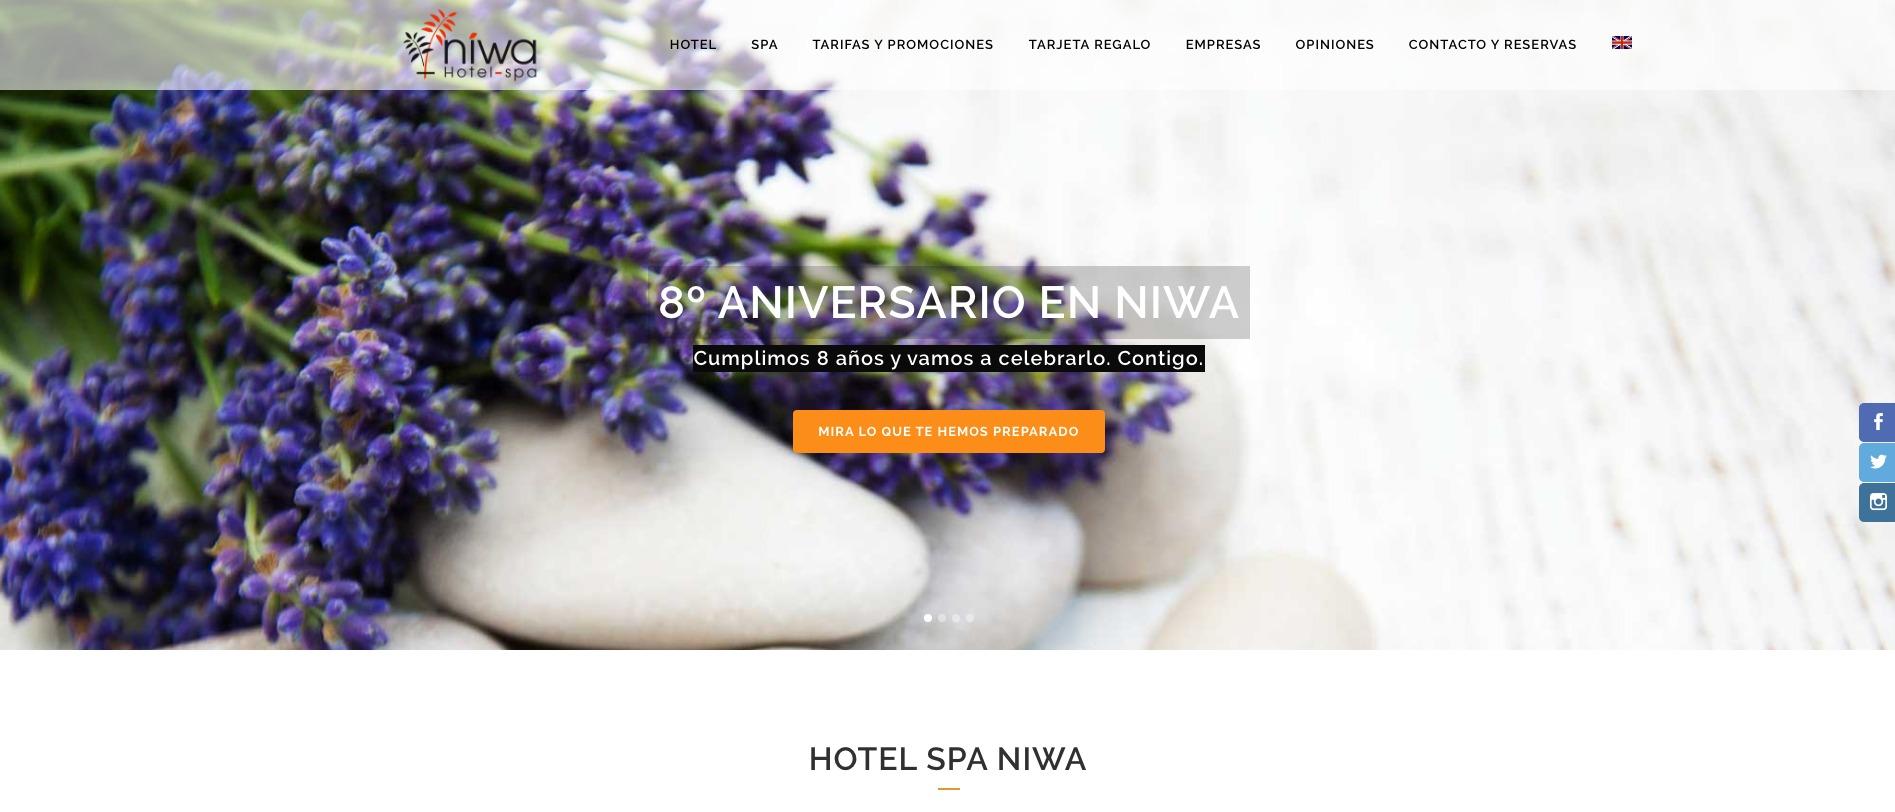 Imagen de la celebración especial con sorteo del octavo aniversario de Hotel Spa Niwa